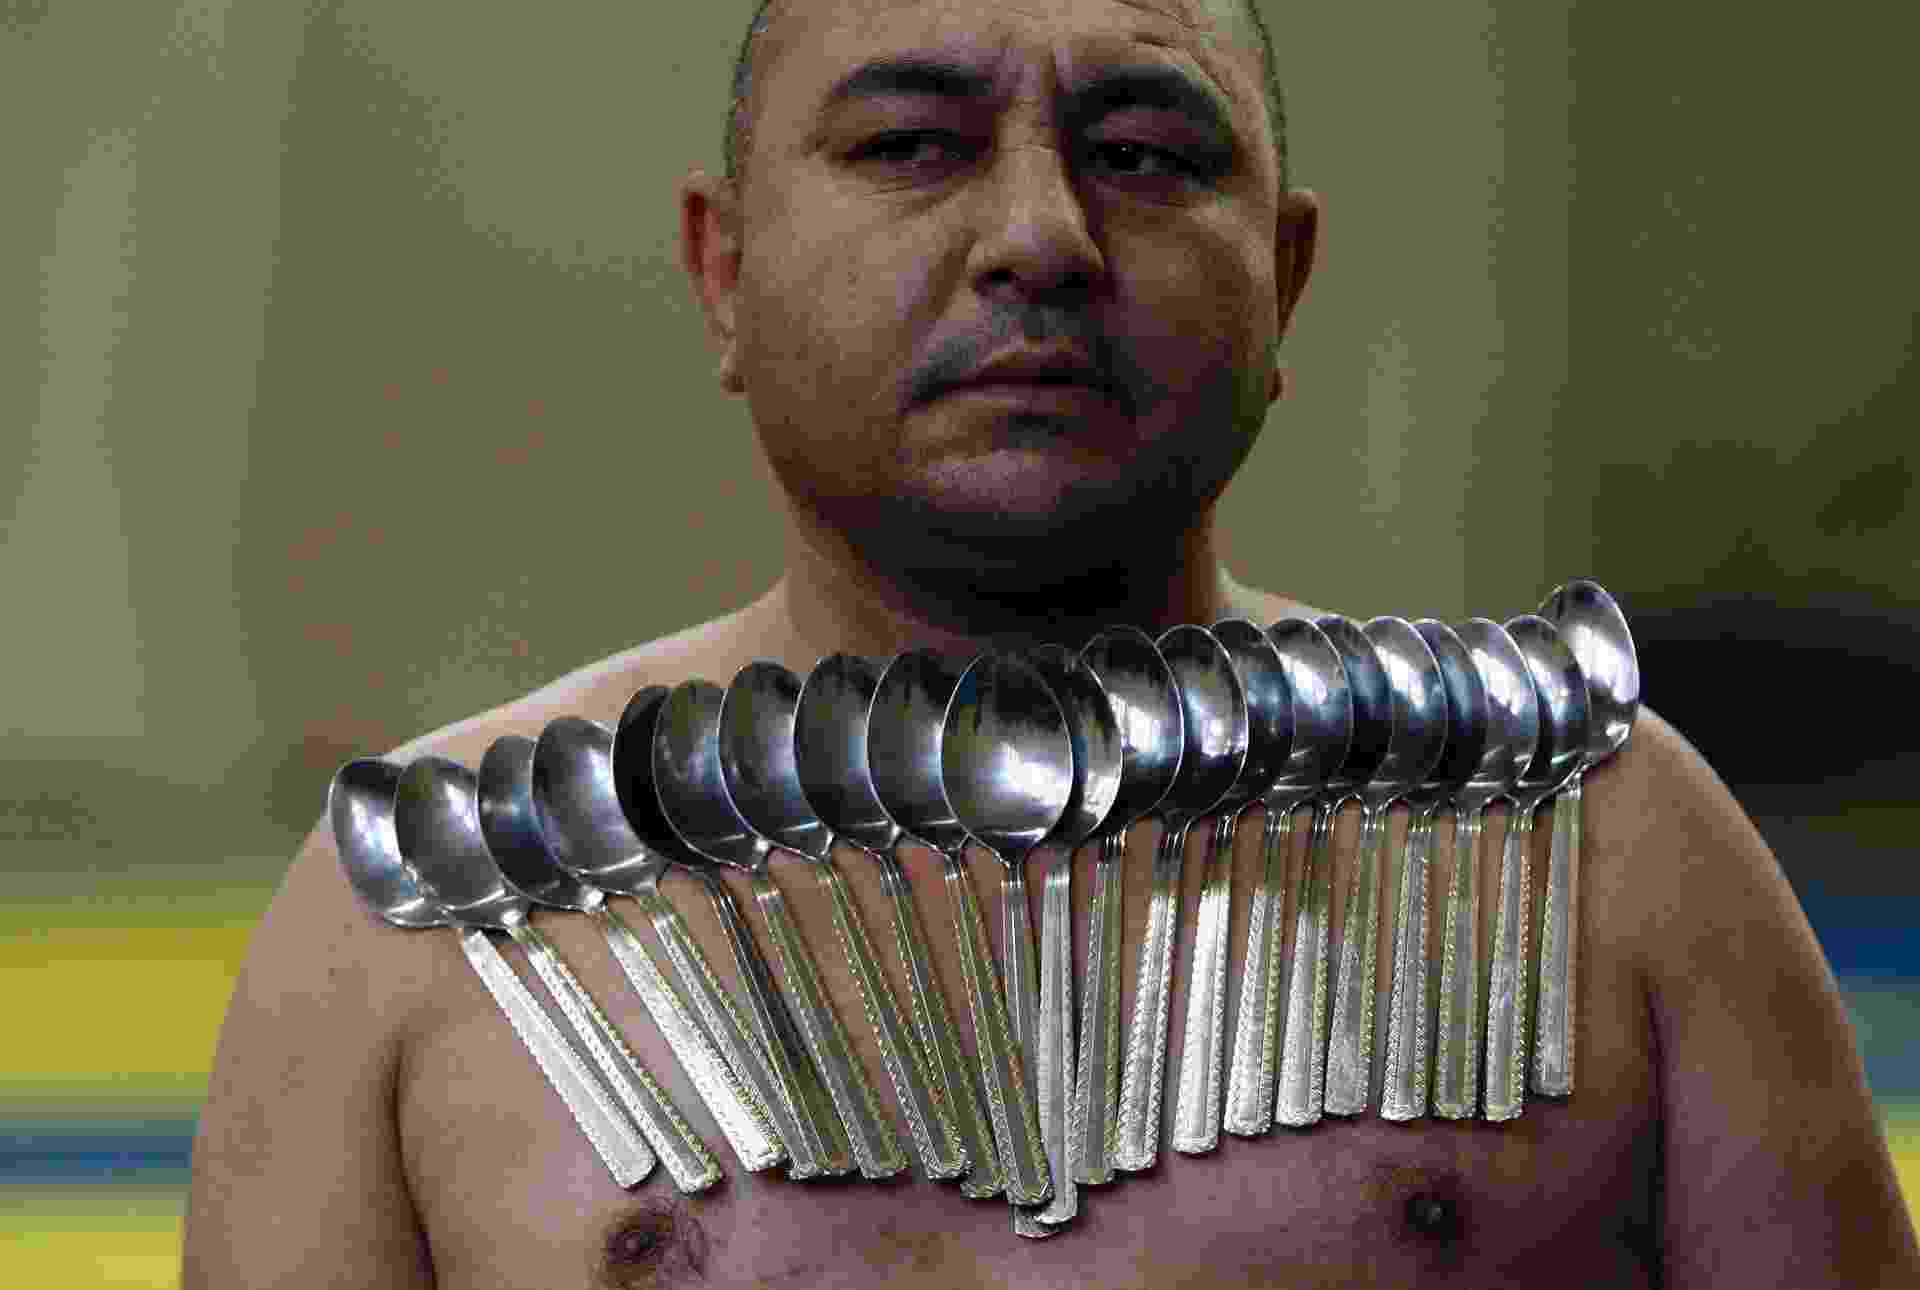 28.dez.2013 - Etibar Elchiyev posa com 53 colheres de metal magnetizadas em seu corpo em tentativa de bater recorde de maior número de colheres presas ao corpo, neste sábado, em Tbilisi, na Geórgia. Elchiyev tenta bater o seu próprio recorde, que é de 50 colheres presas ao corpo - David Mdzinarishvili/ Reuters